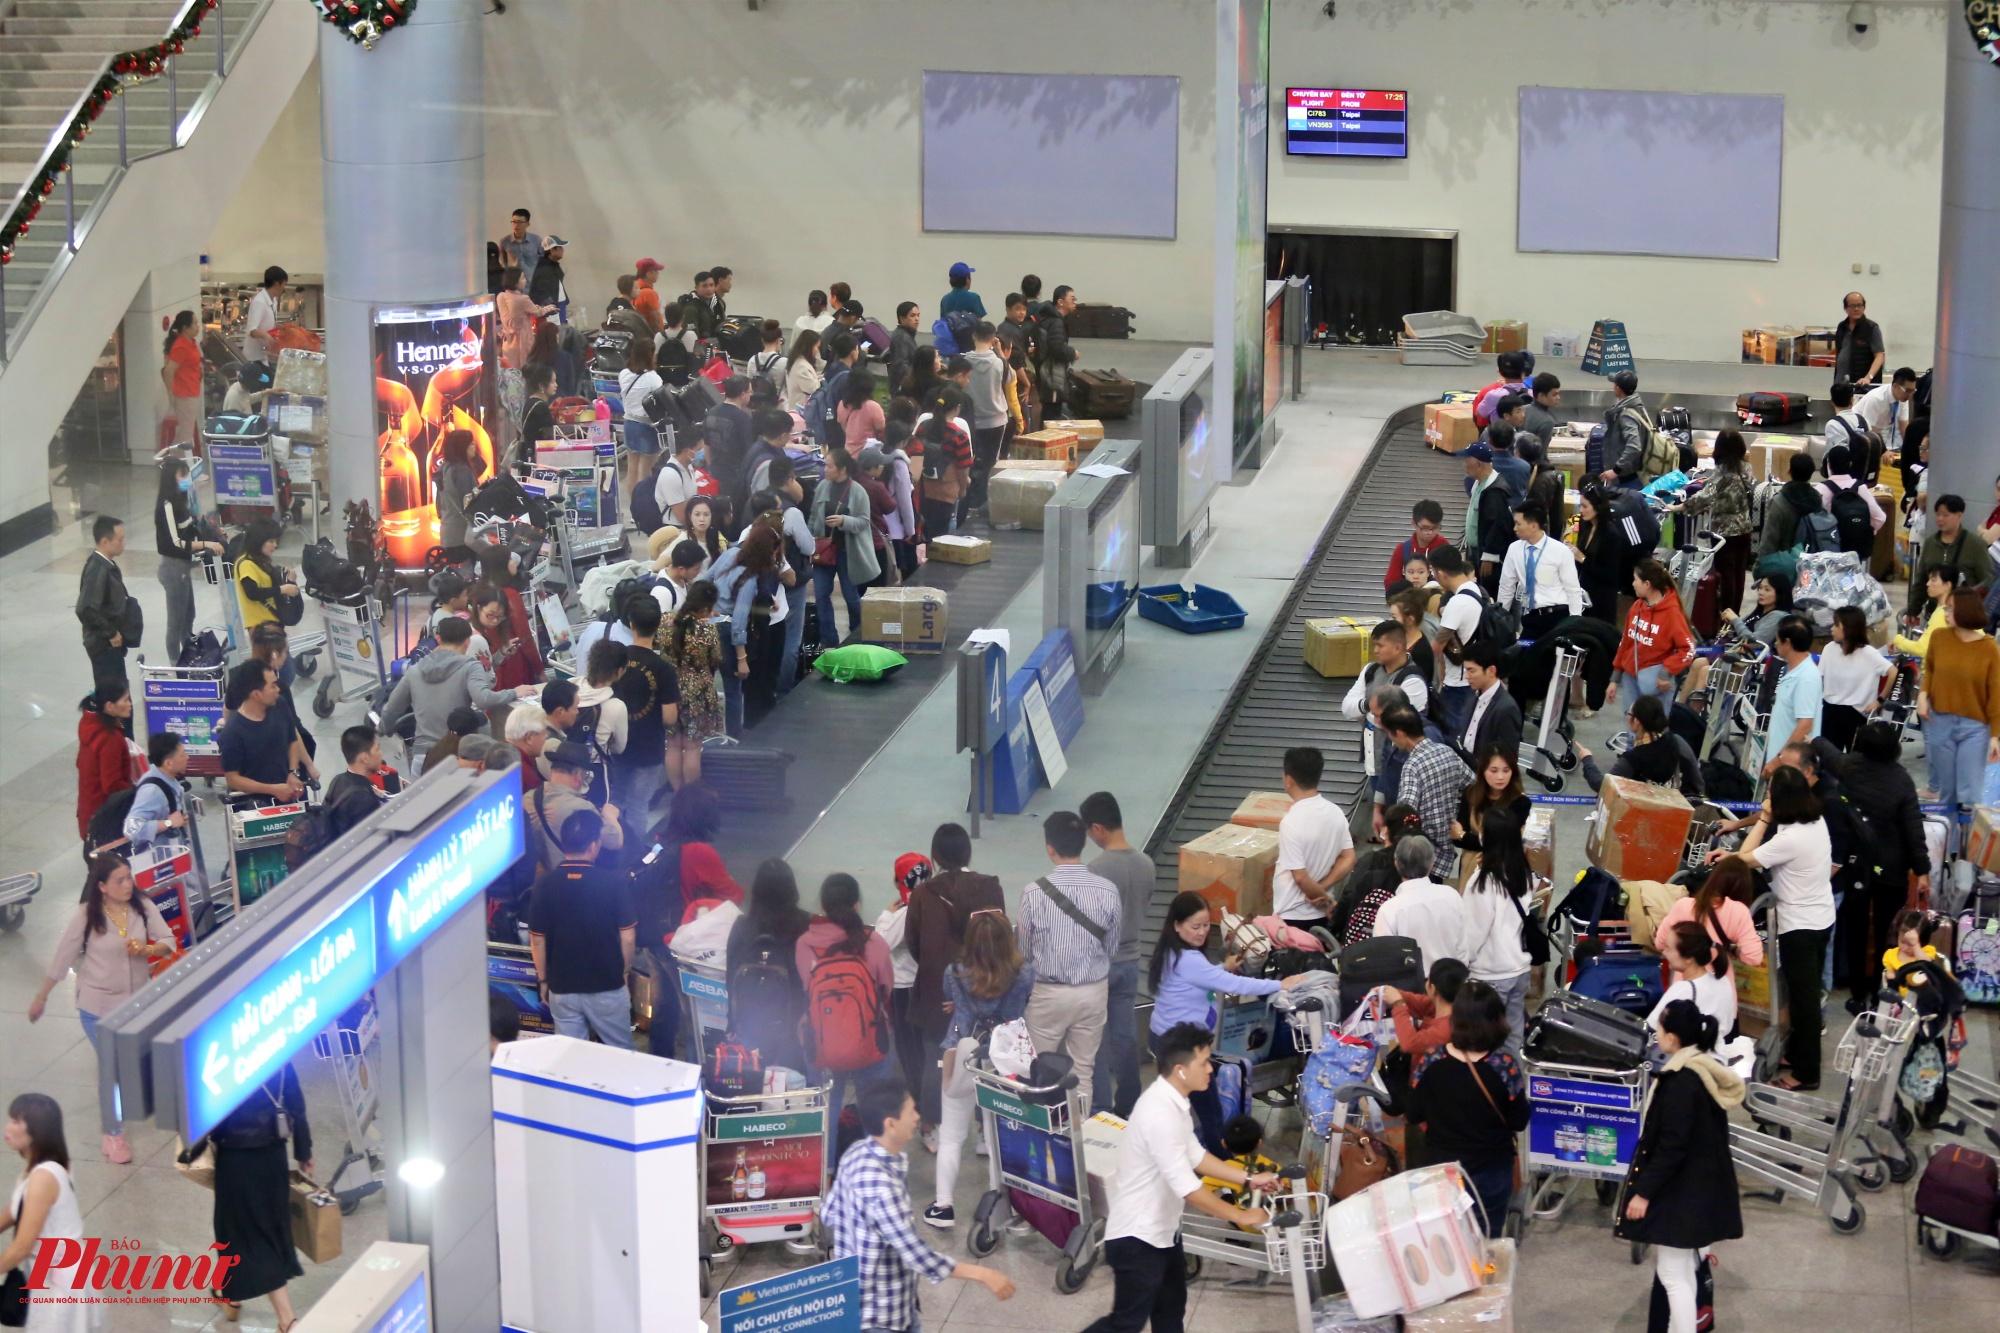 Hàng khách đứng chật kín ở khu băng chuyền đợi lấy hành lý